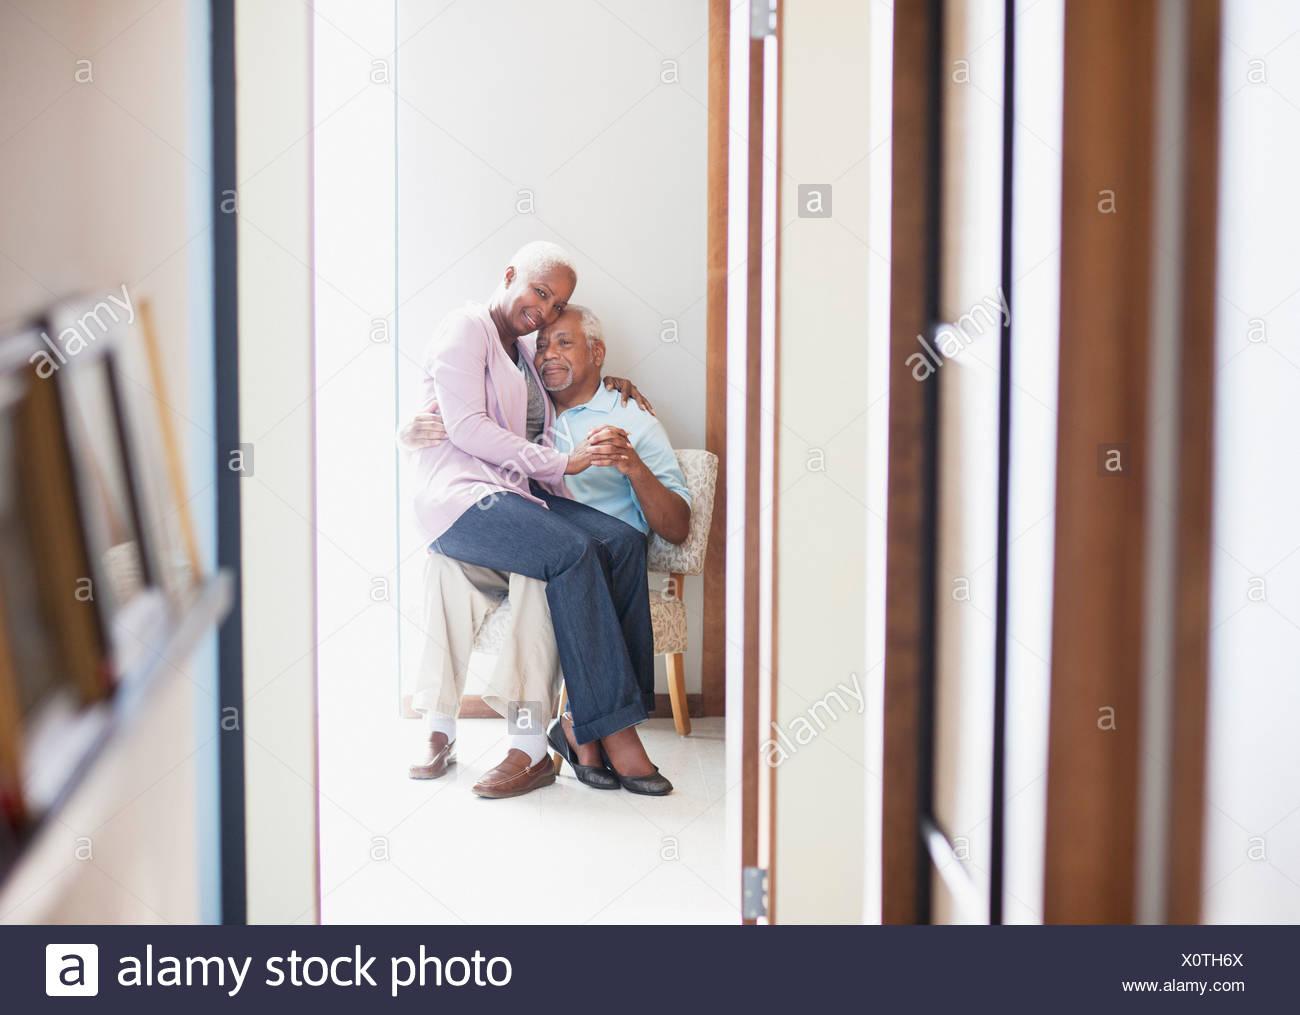 55-59 anni,60-64 anni,l'affetto,l'invecchiamento,l'incollaggio,abbigliamento casual,immagine a colori,il collegamento,giorno,devozione,vita domestica,focus su Immagini Stock